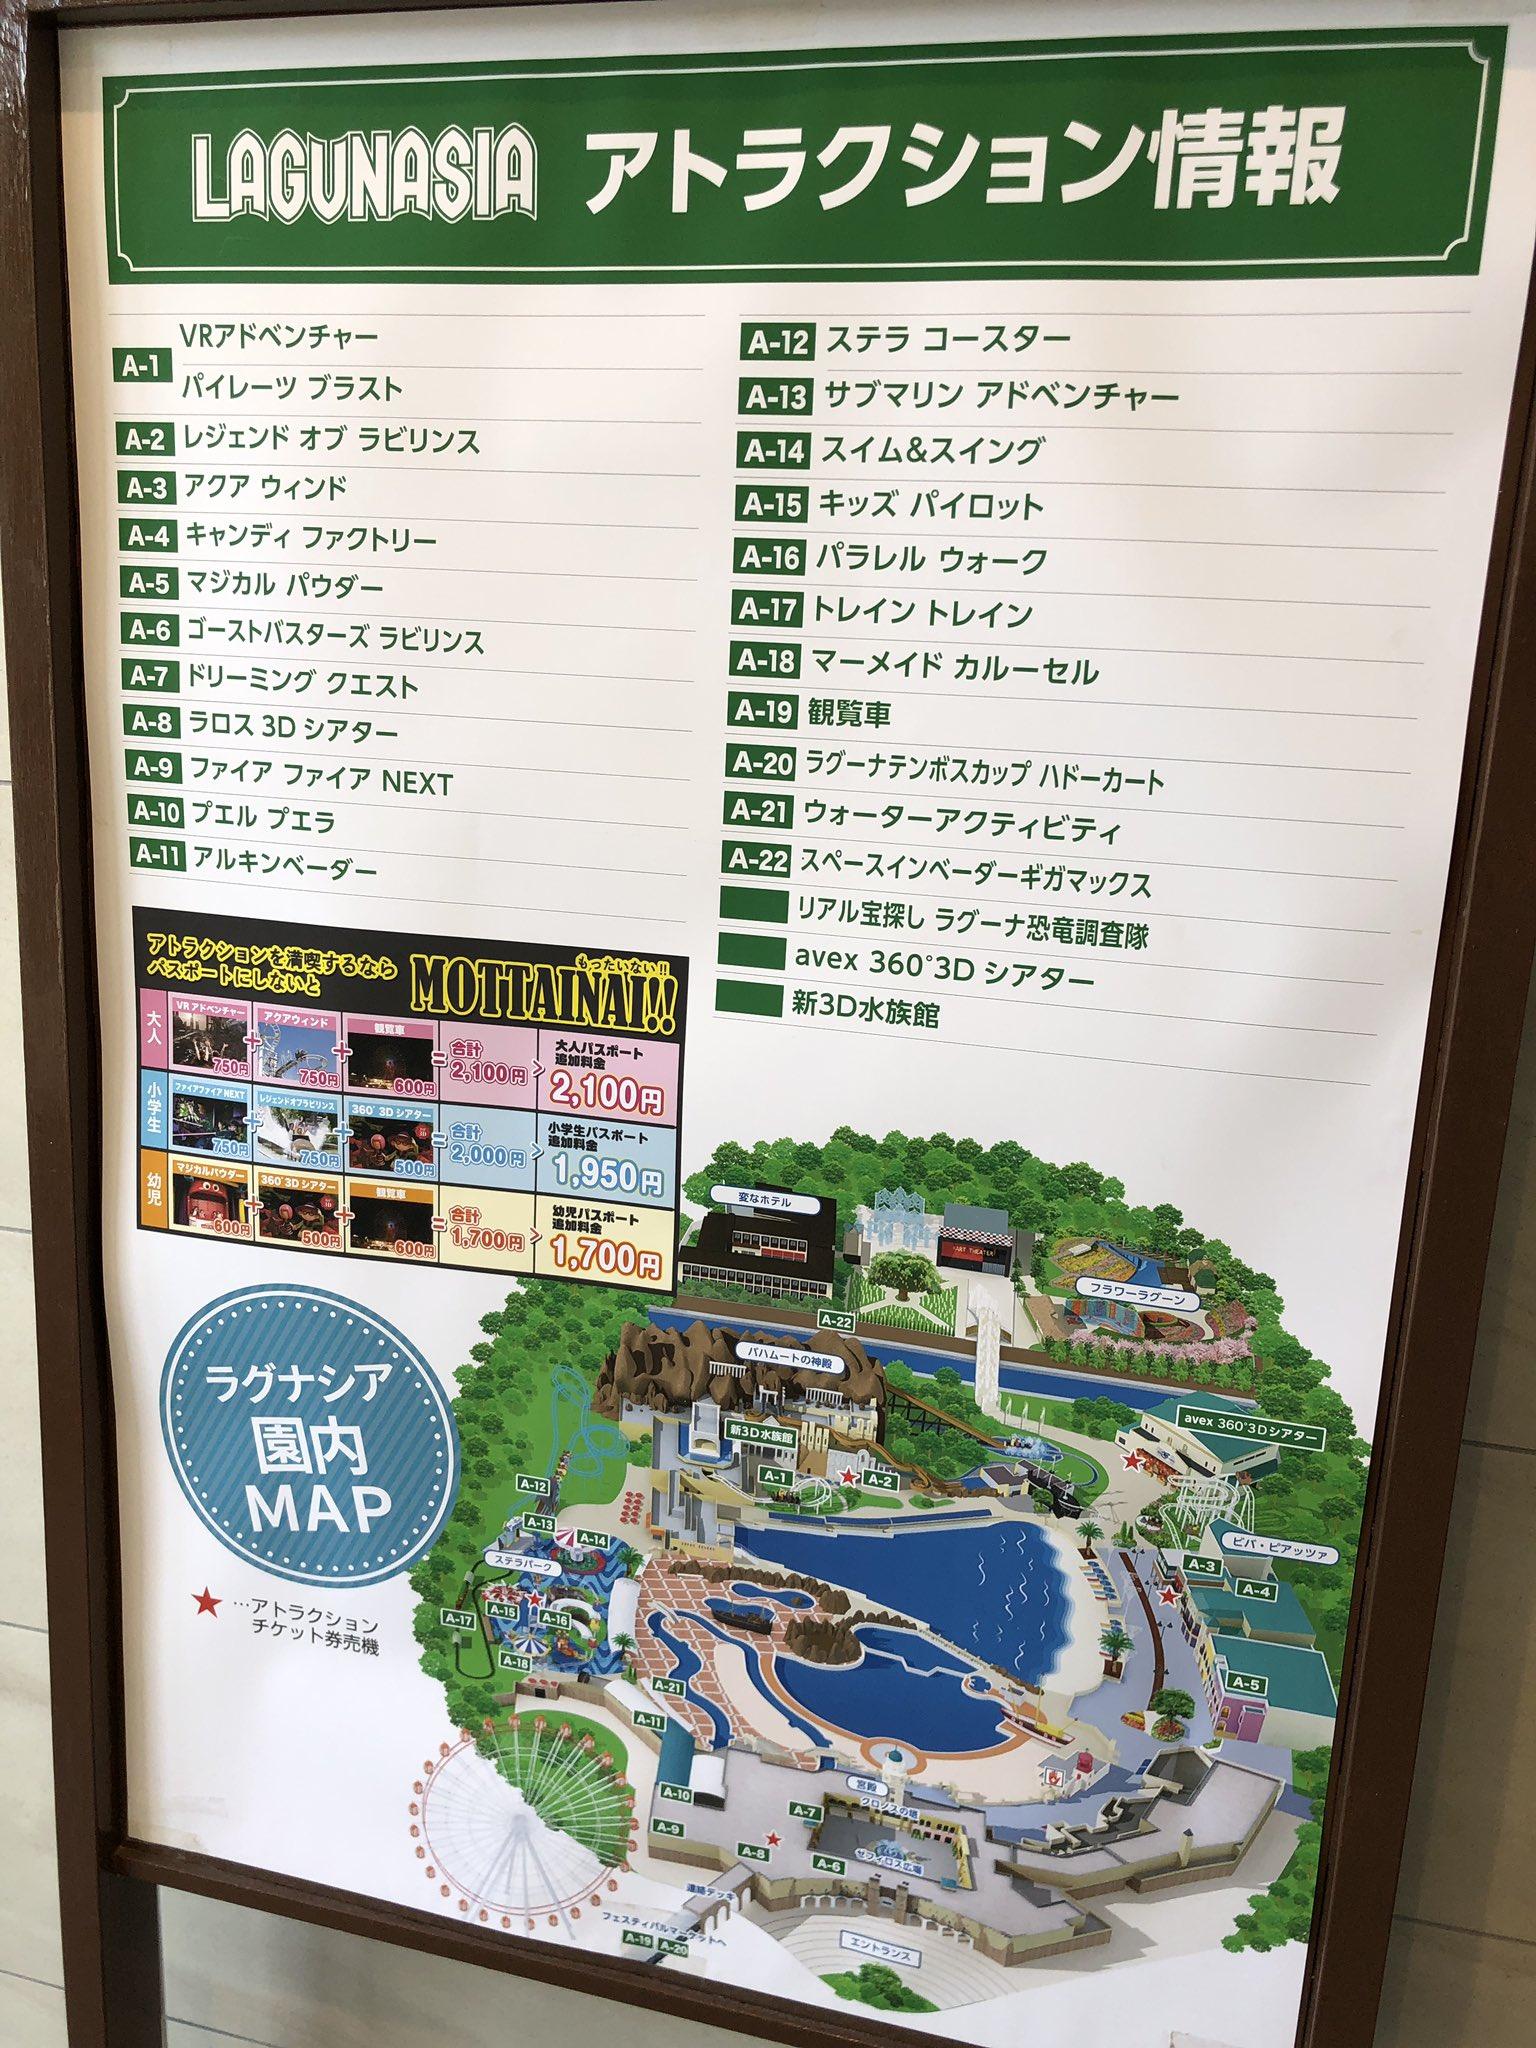 ラグナシア園内マップ https://t.co/OvLLGjVa1v